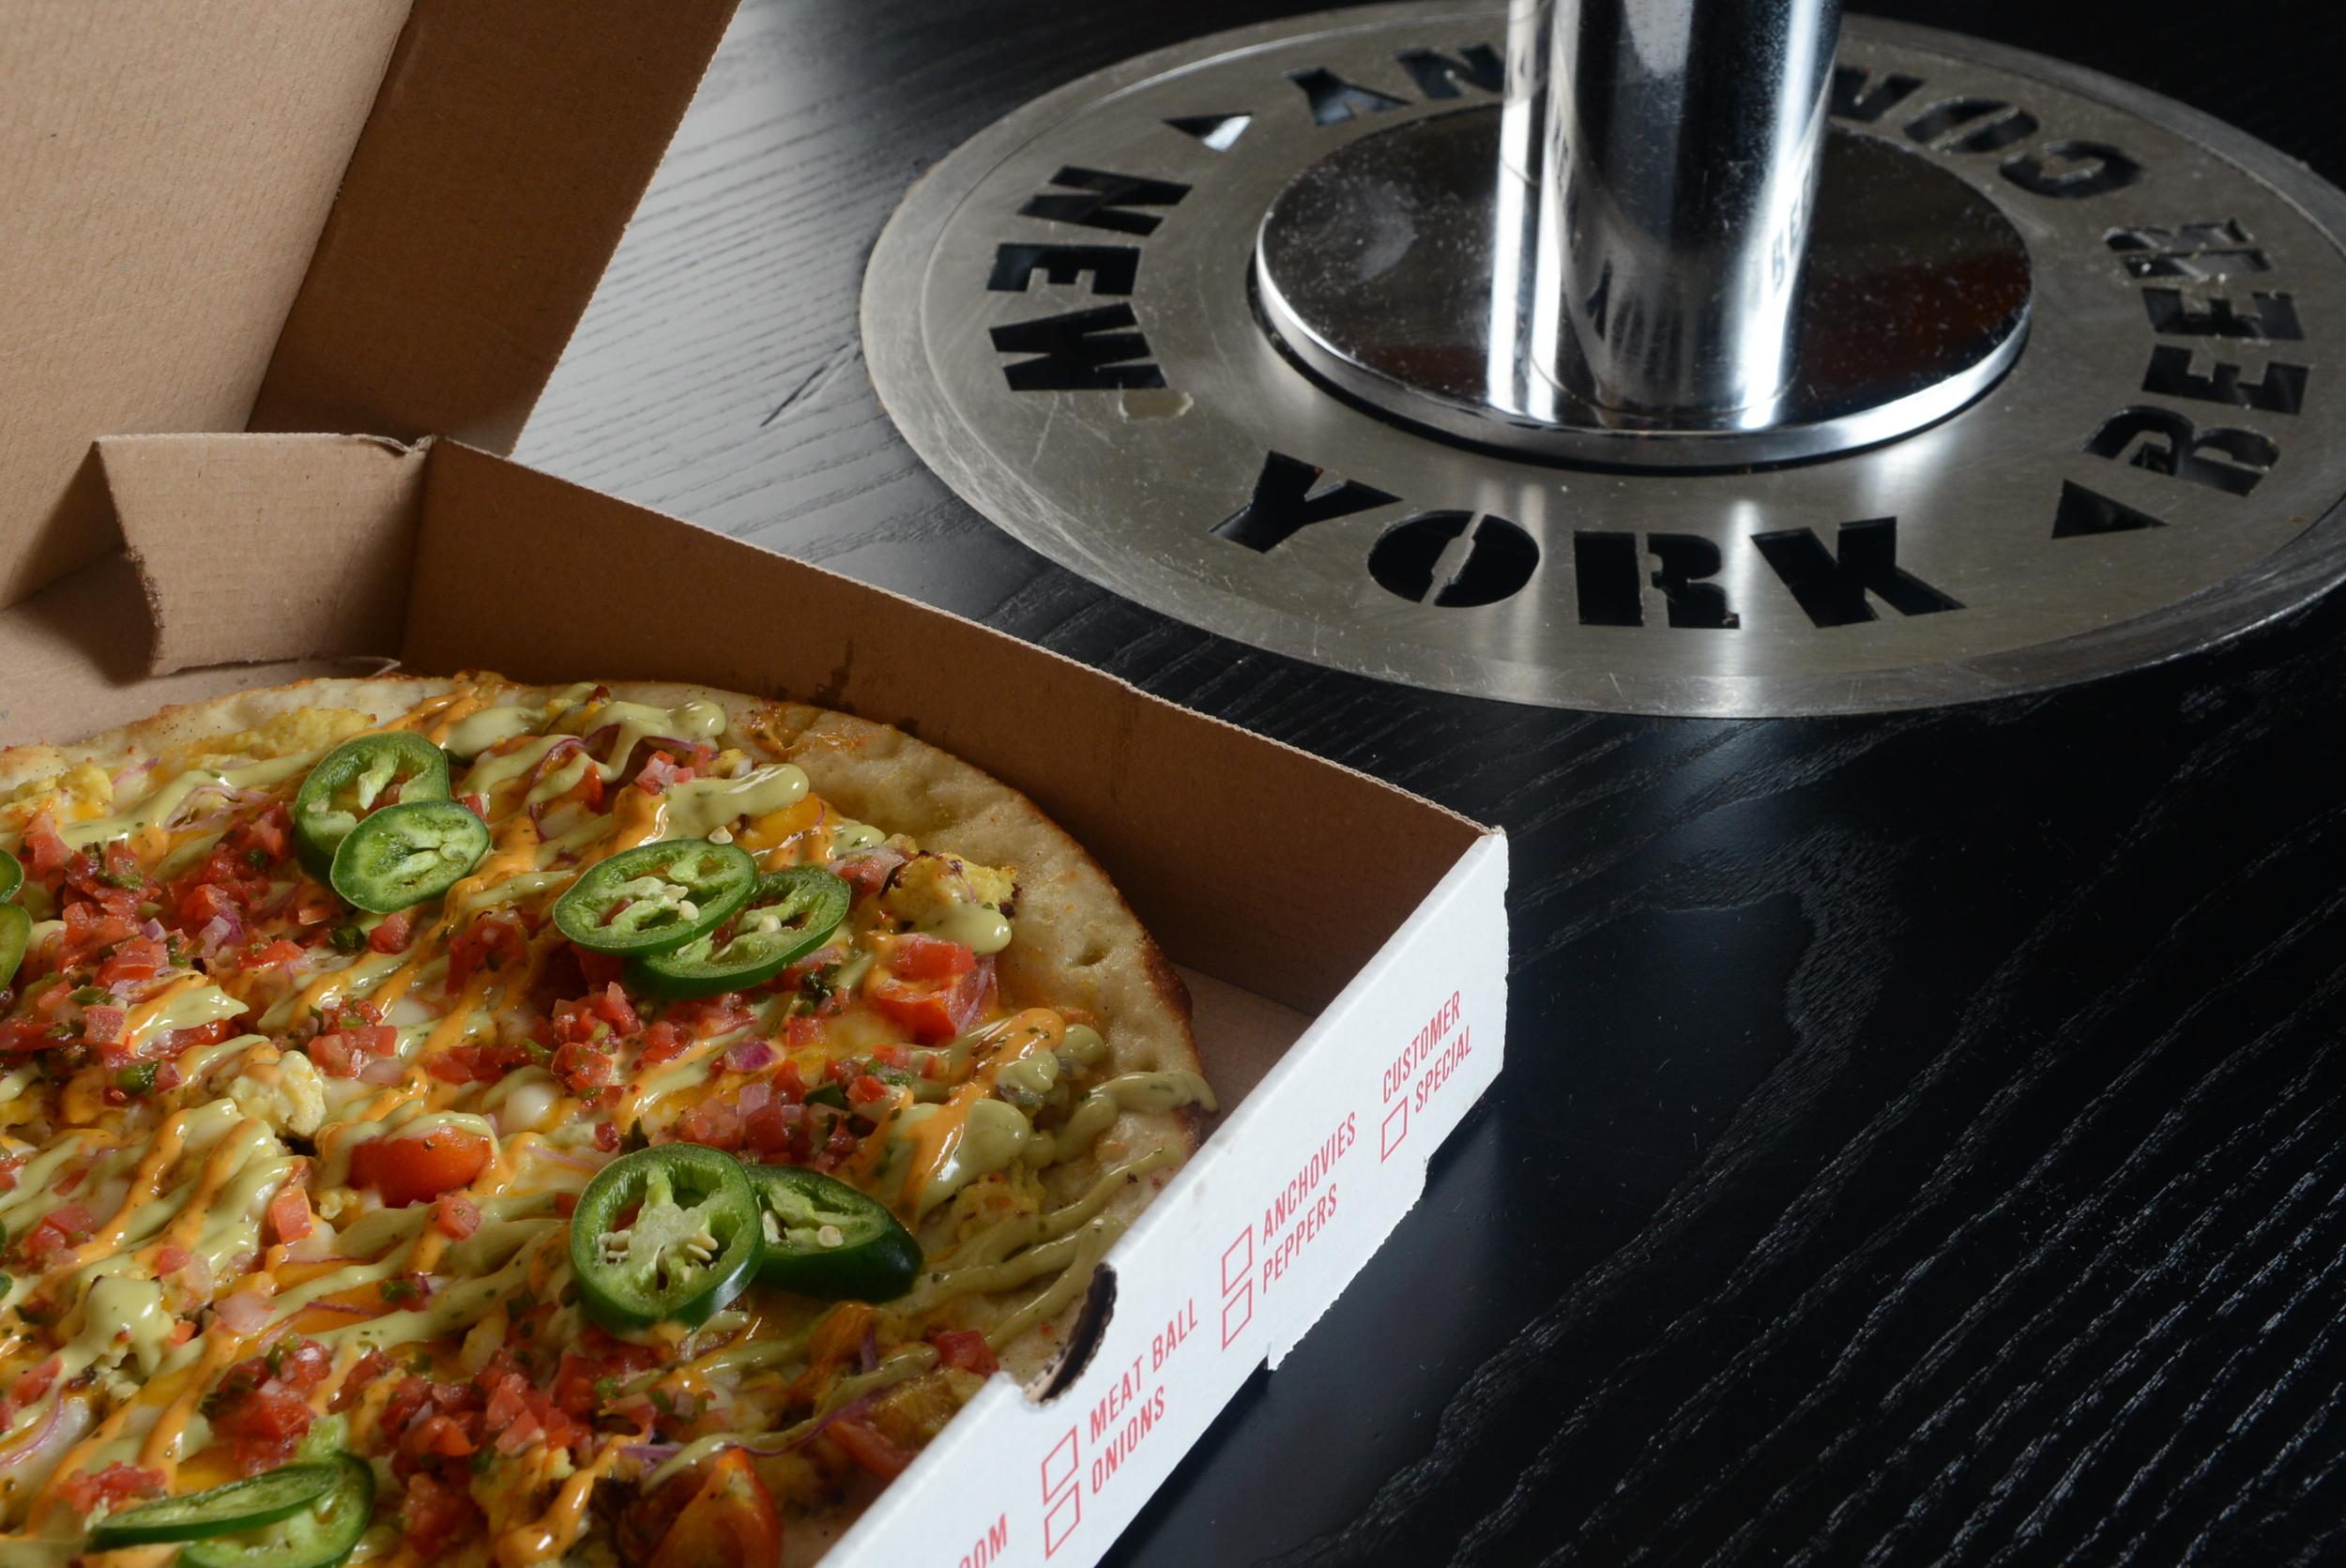 Pizza in Box 2.jpg